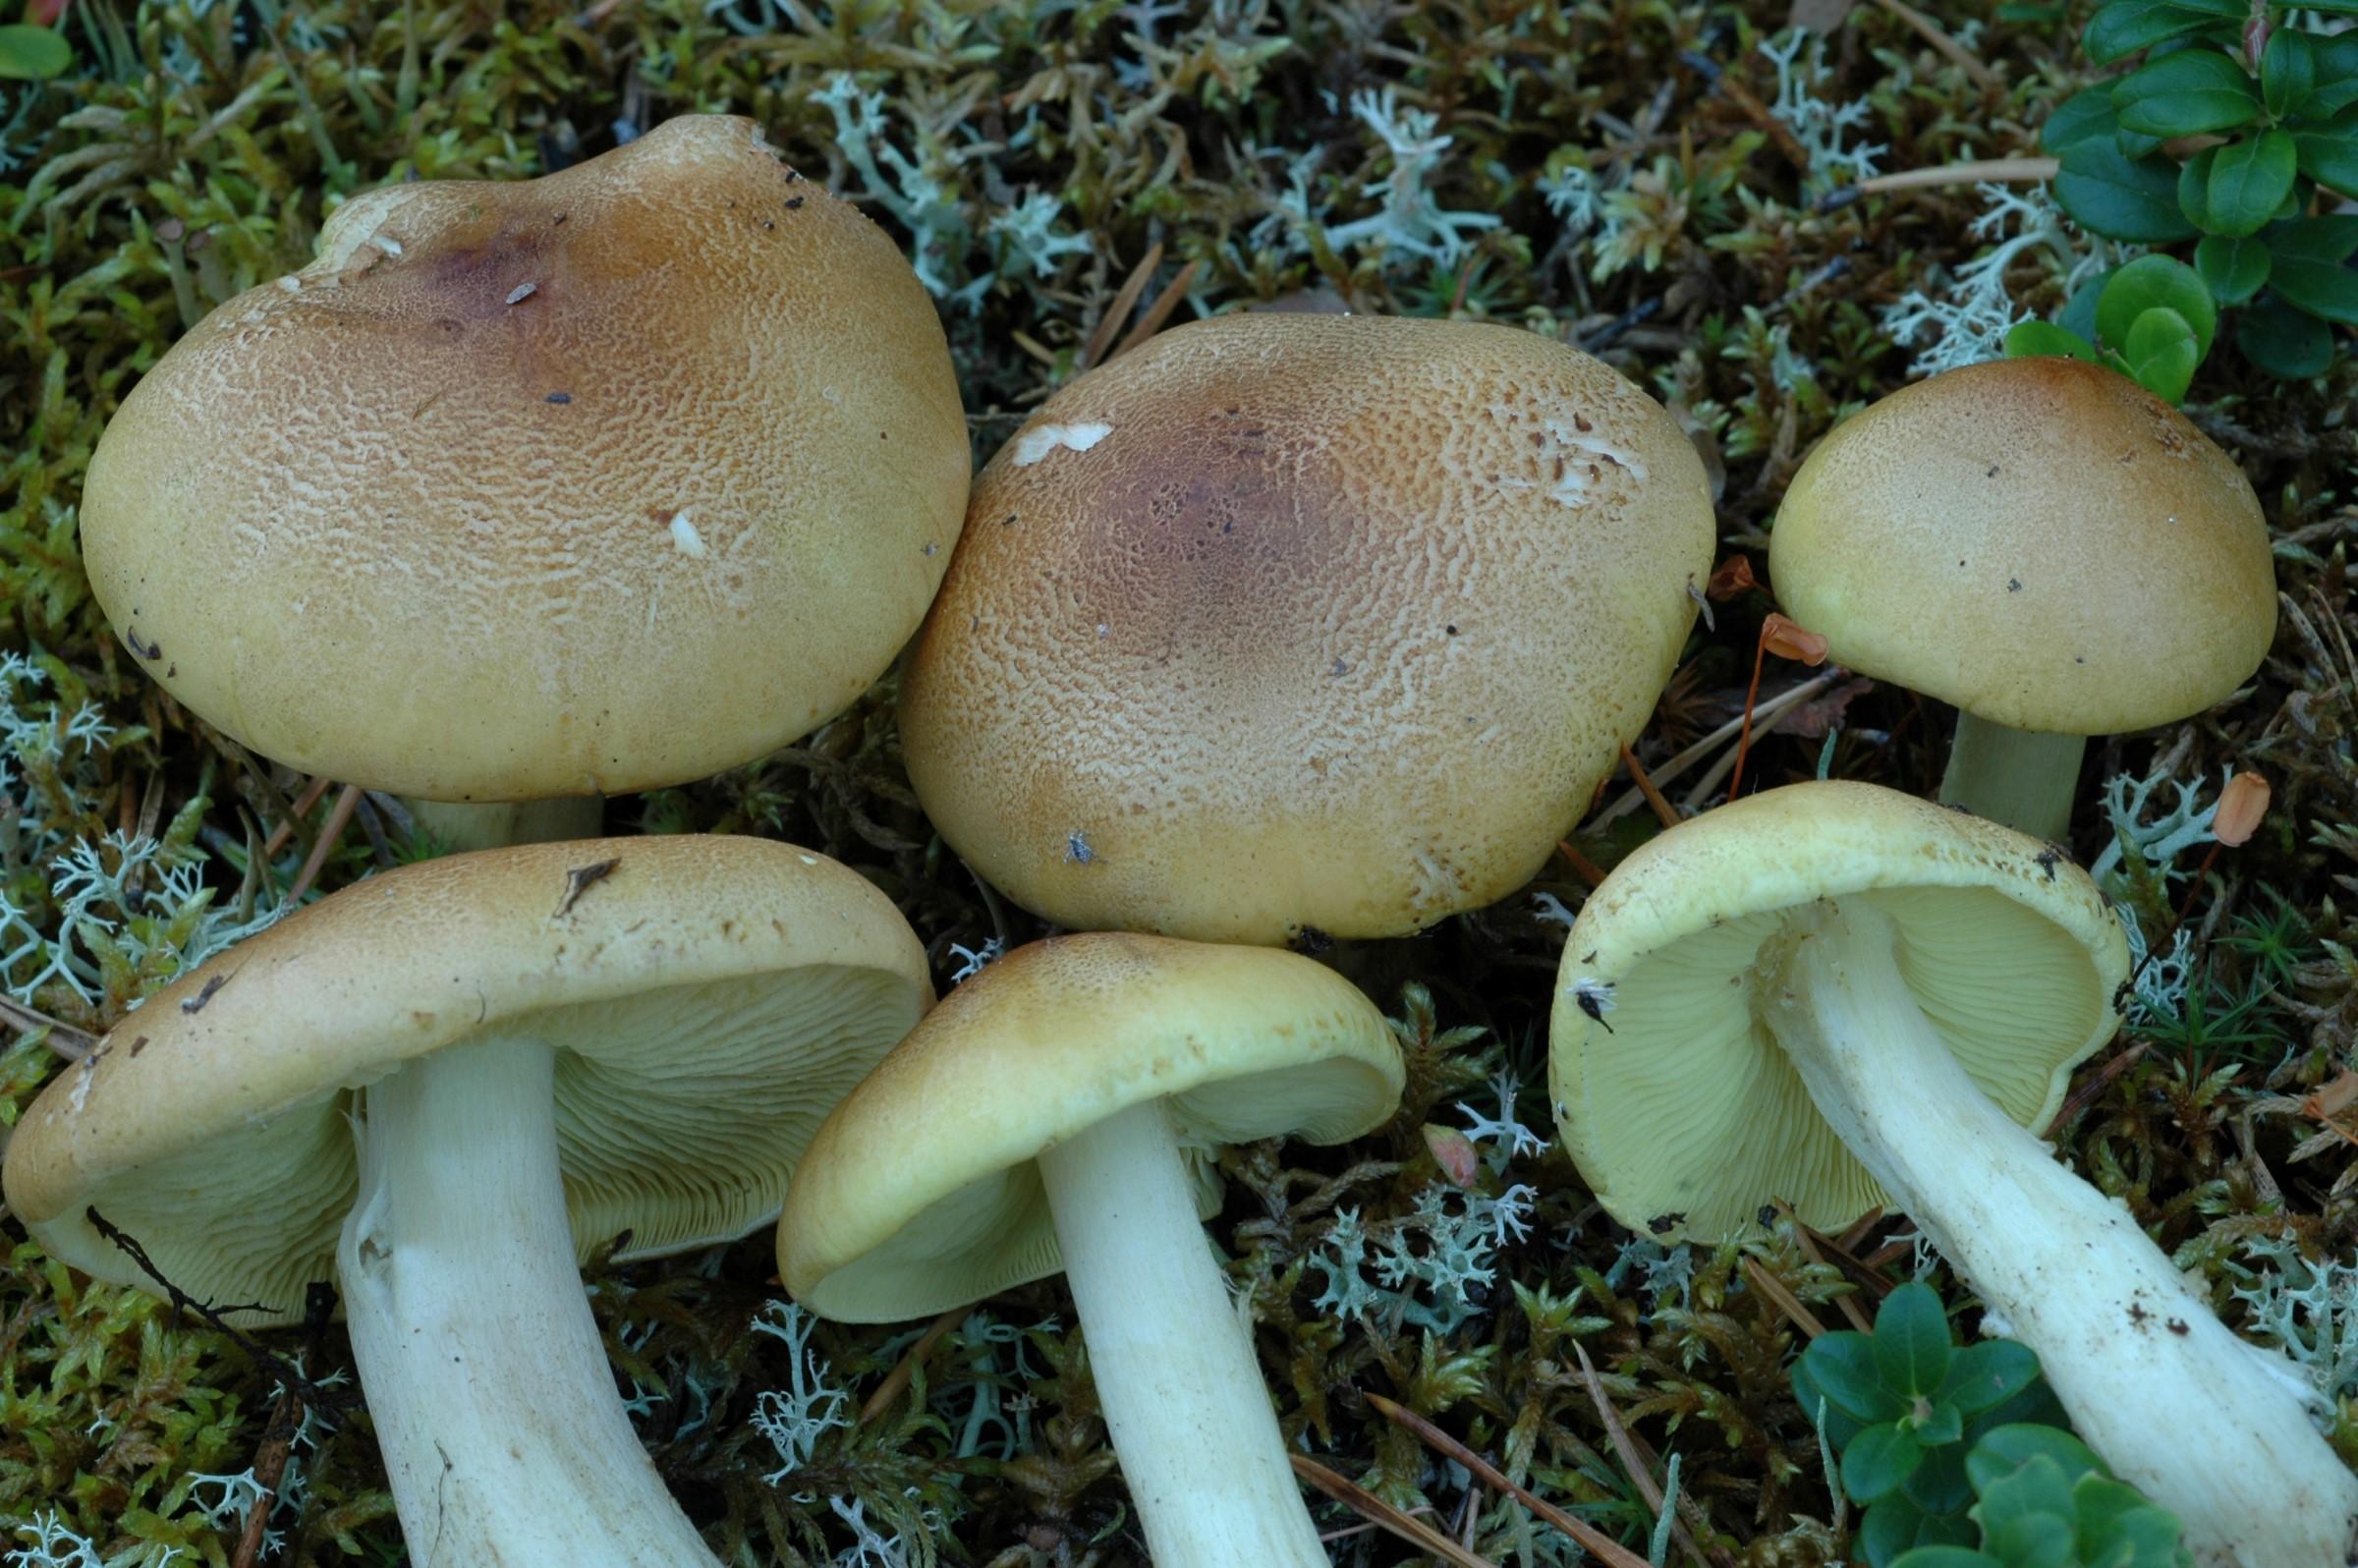 Soppen har en hvelvet til utbredt, gulbrun hatt og er brunkornet mot midten. Riddermusserong (Tricholoma equestre) er en giftig sopp. Her illustrert ved 6 riddermusseronger liggende på mosedekt skogbunn.